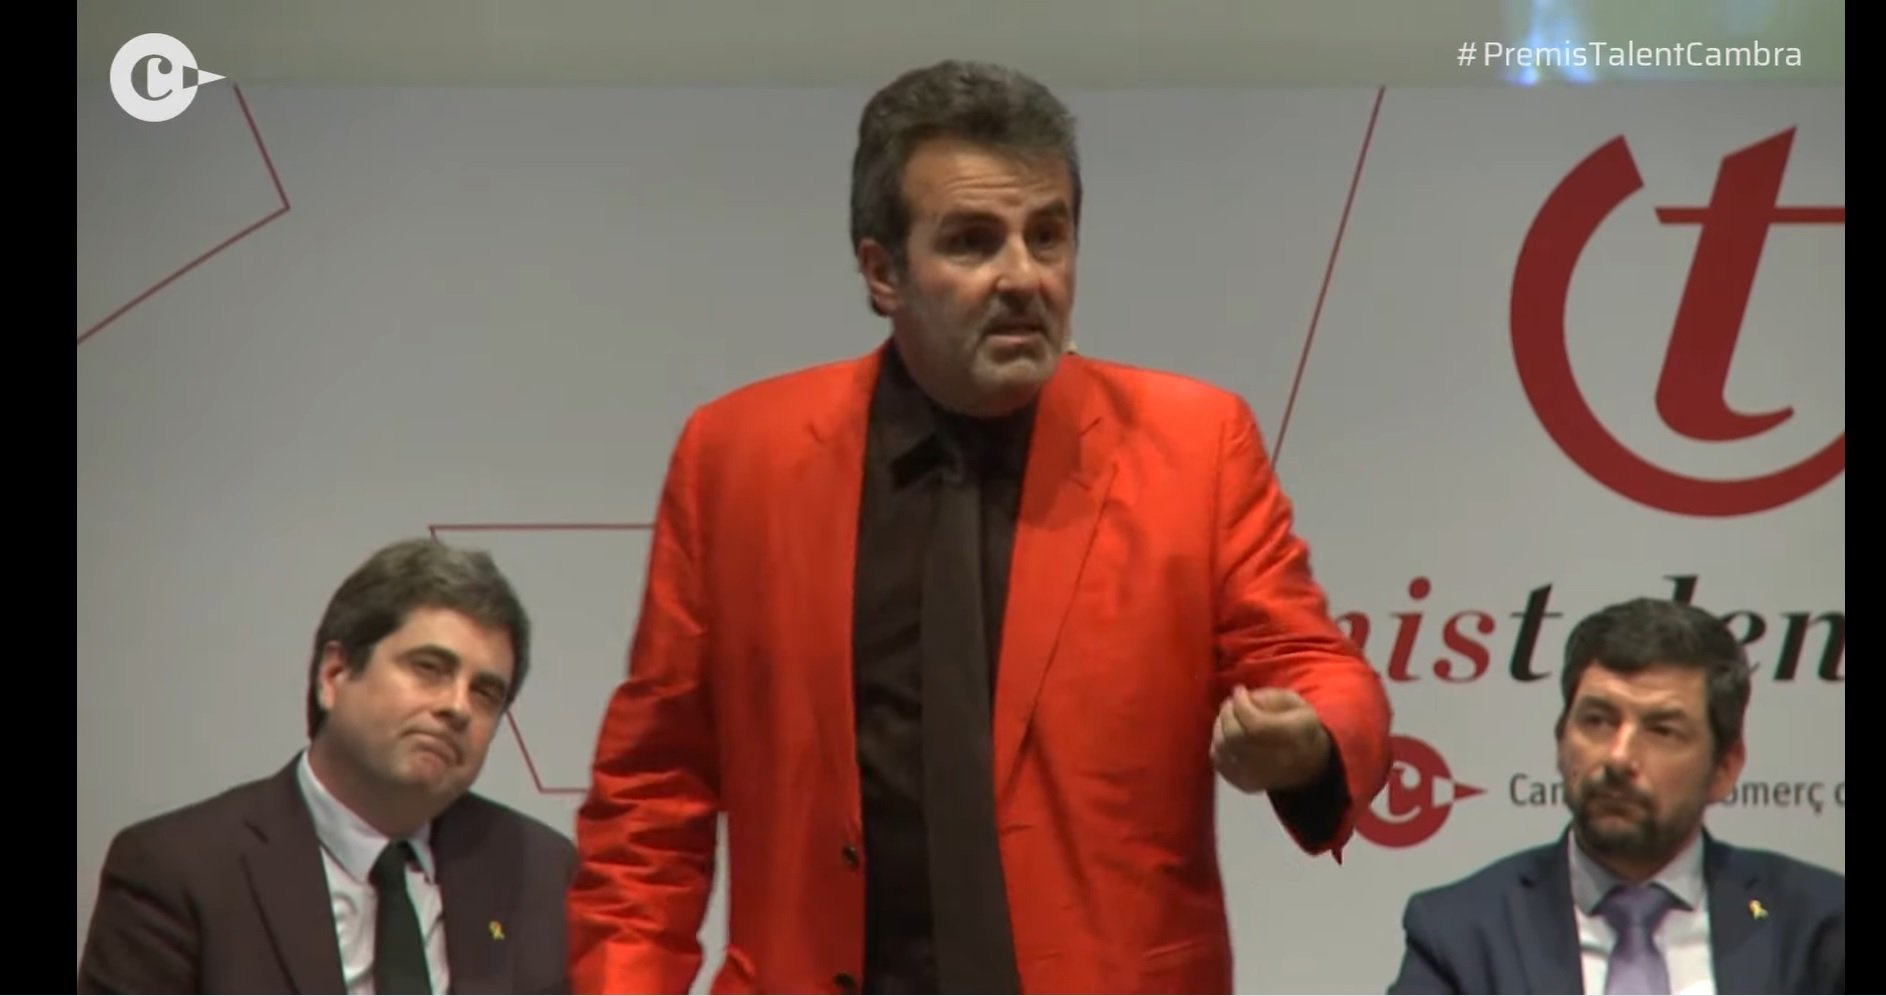 Bru Recolons, Xavier Sala i Martín y Joan Canadell, en la presentación de los premios 'Talent Cambra'